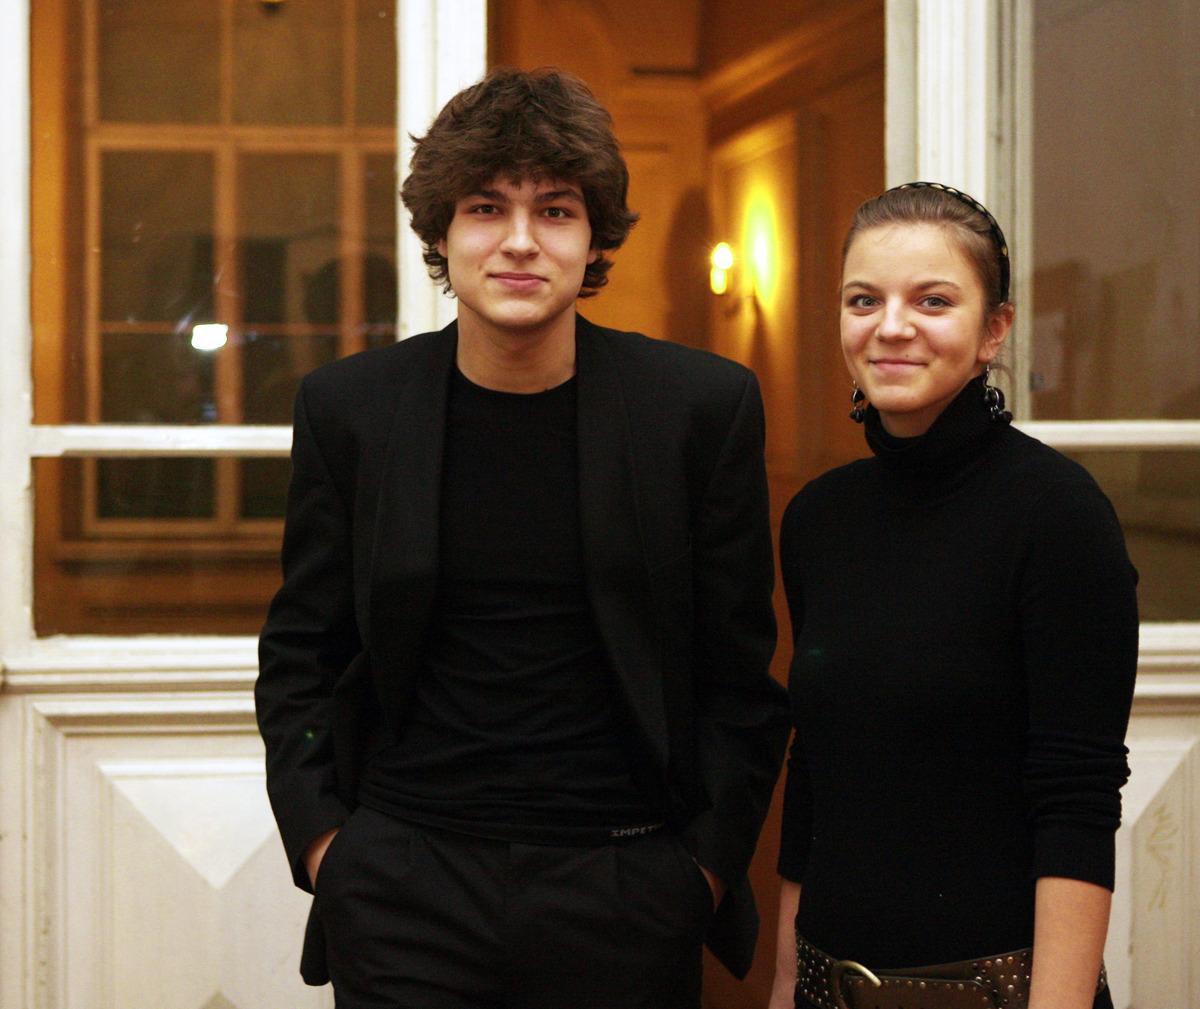 foto022M – Lukas, Petras Geniušai (Marija Geniušaitė) Lietuvos Muzikos ir teatro akademija 2006m..jpg